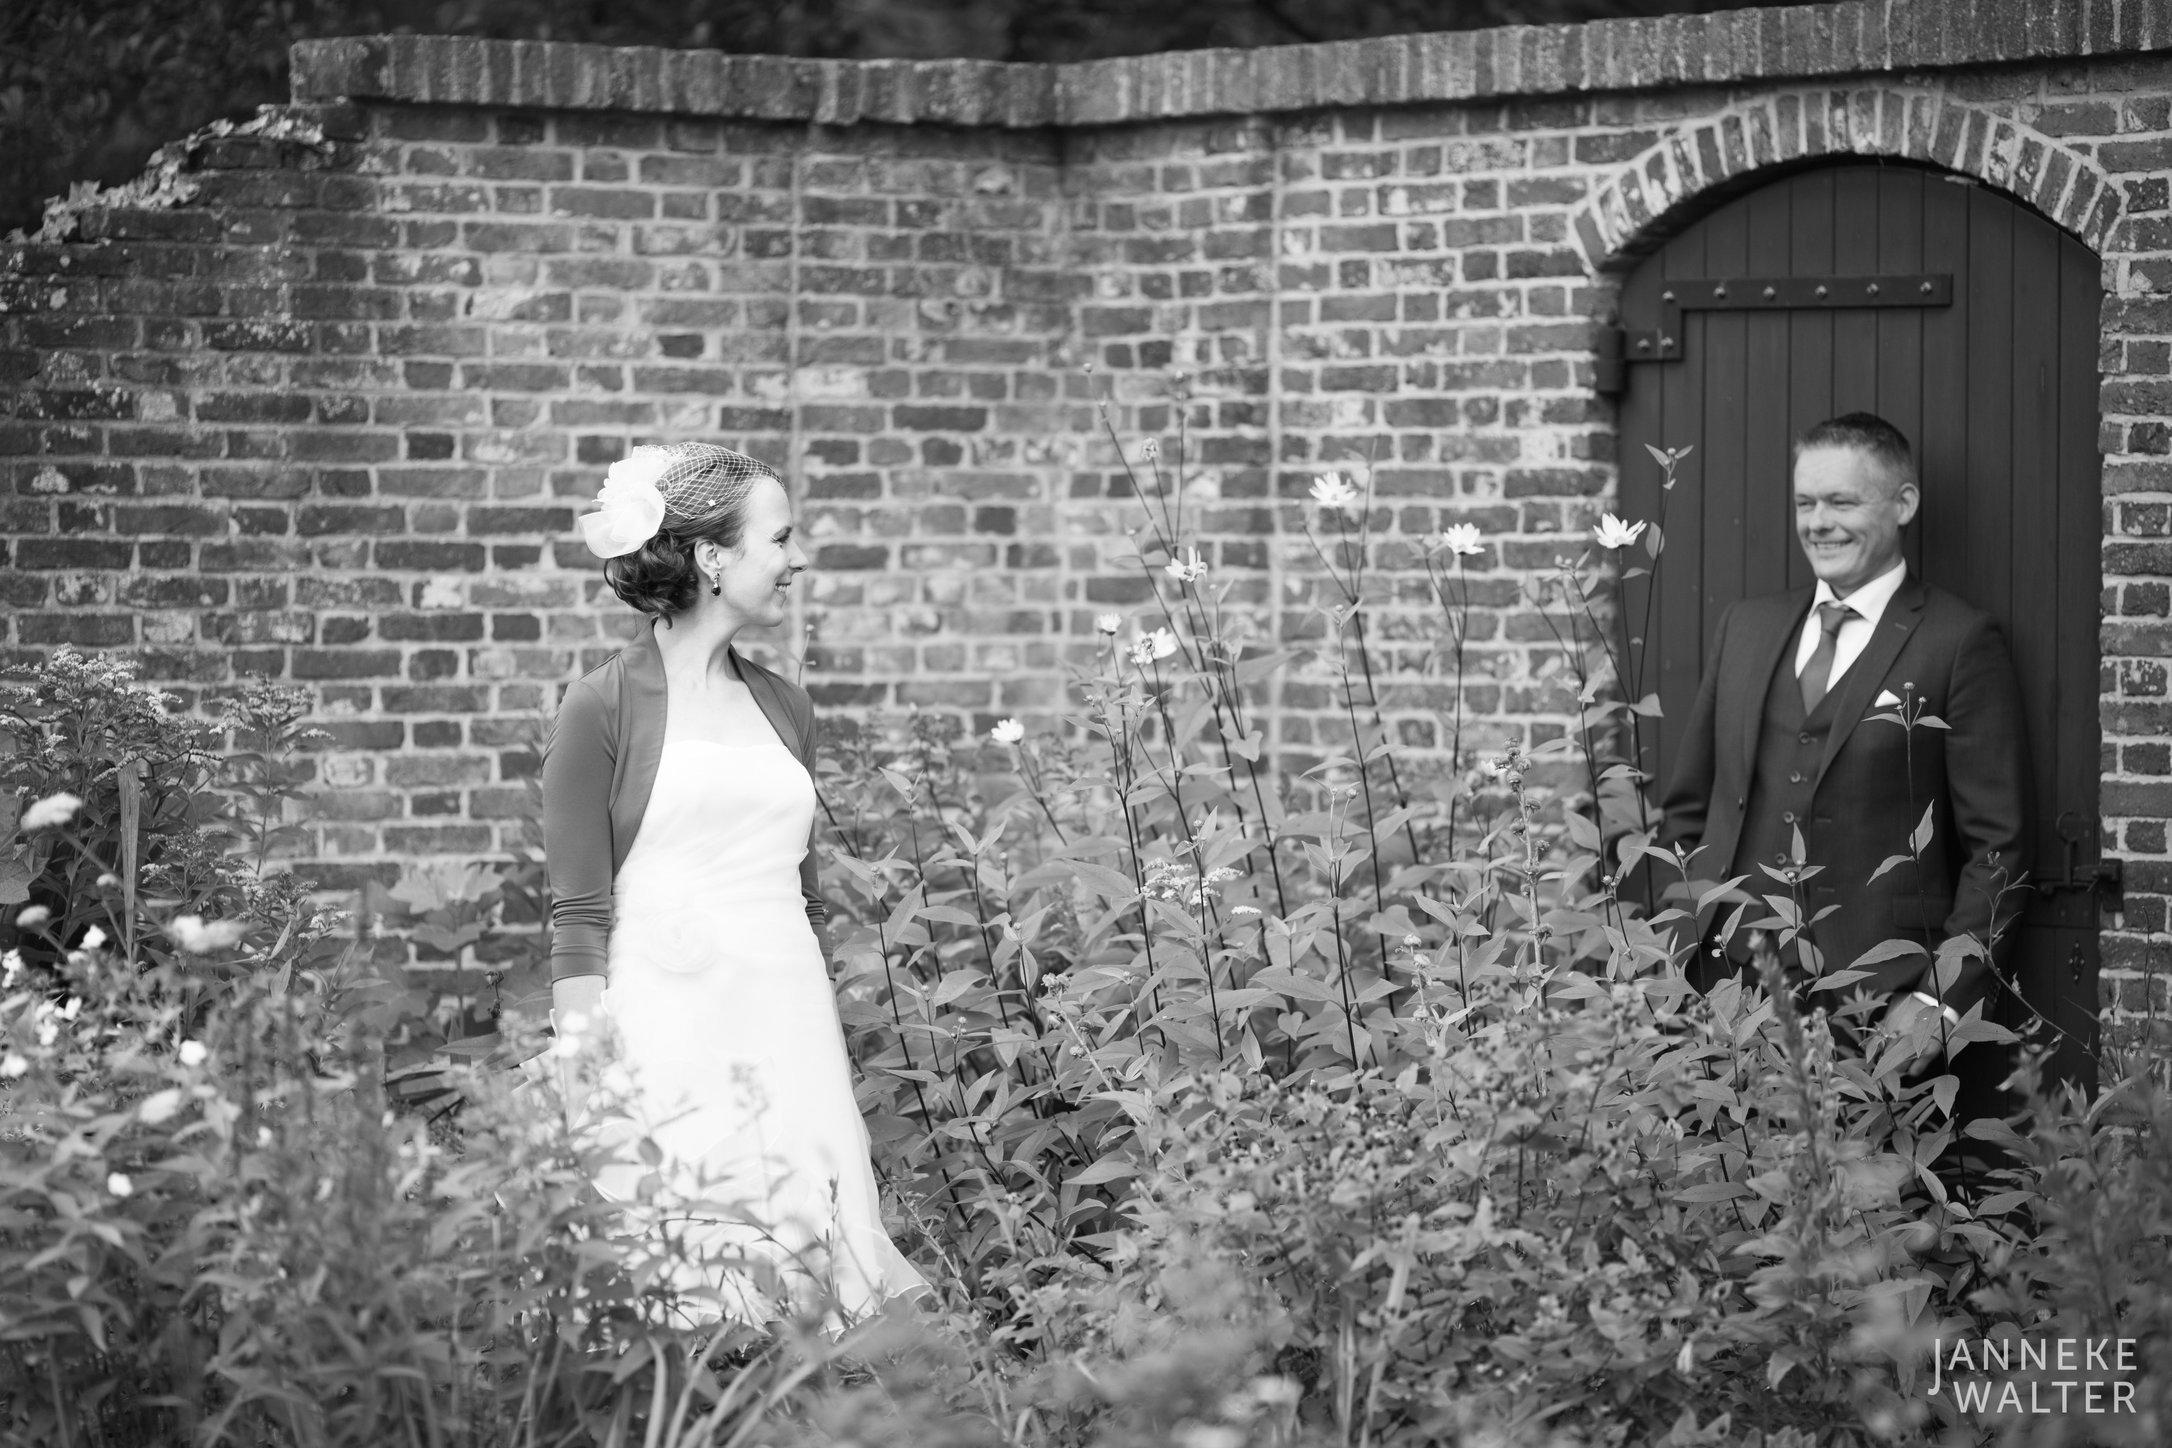 Portretfoto bruidspaar voor oude afgebrokkelde muur © Janneke Walter, fotograaf Utrecht De Bilt, loveshoot, bruidsfotografie, trouwfotografie